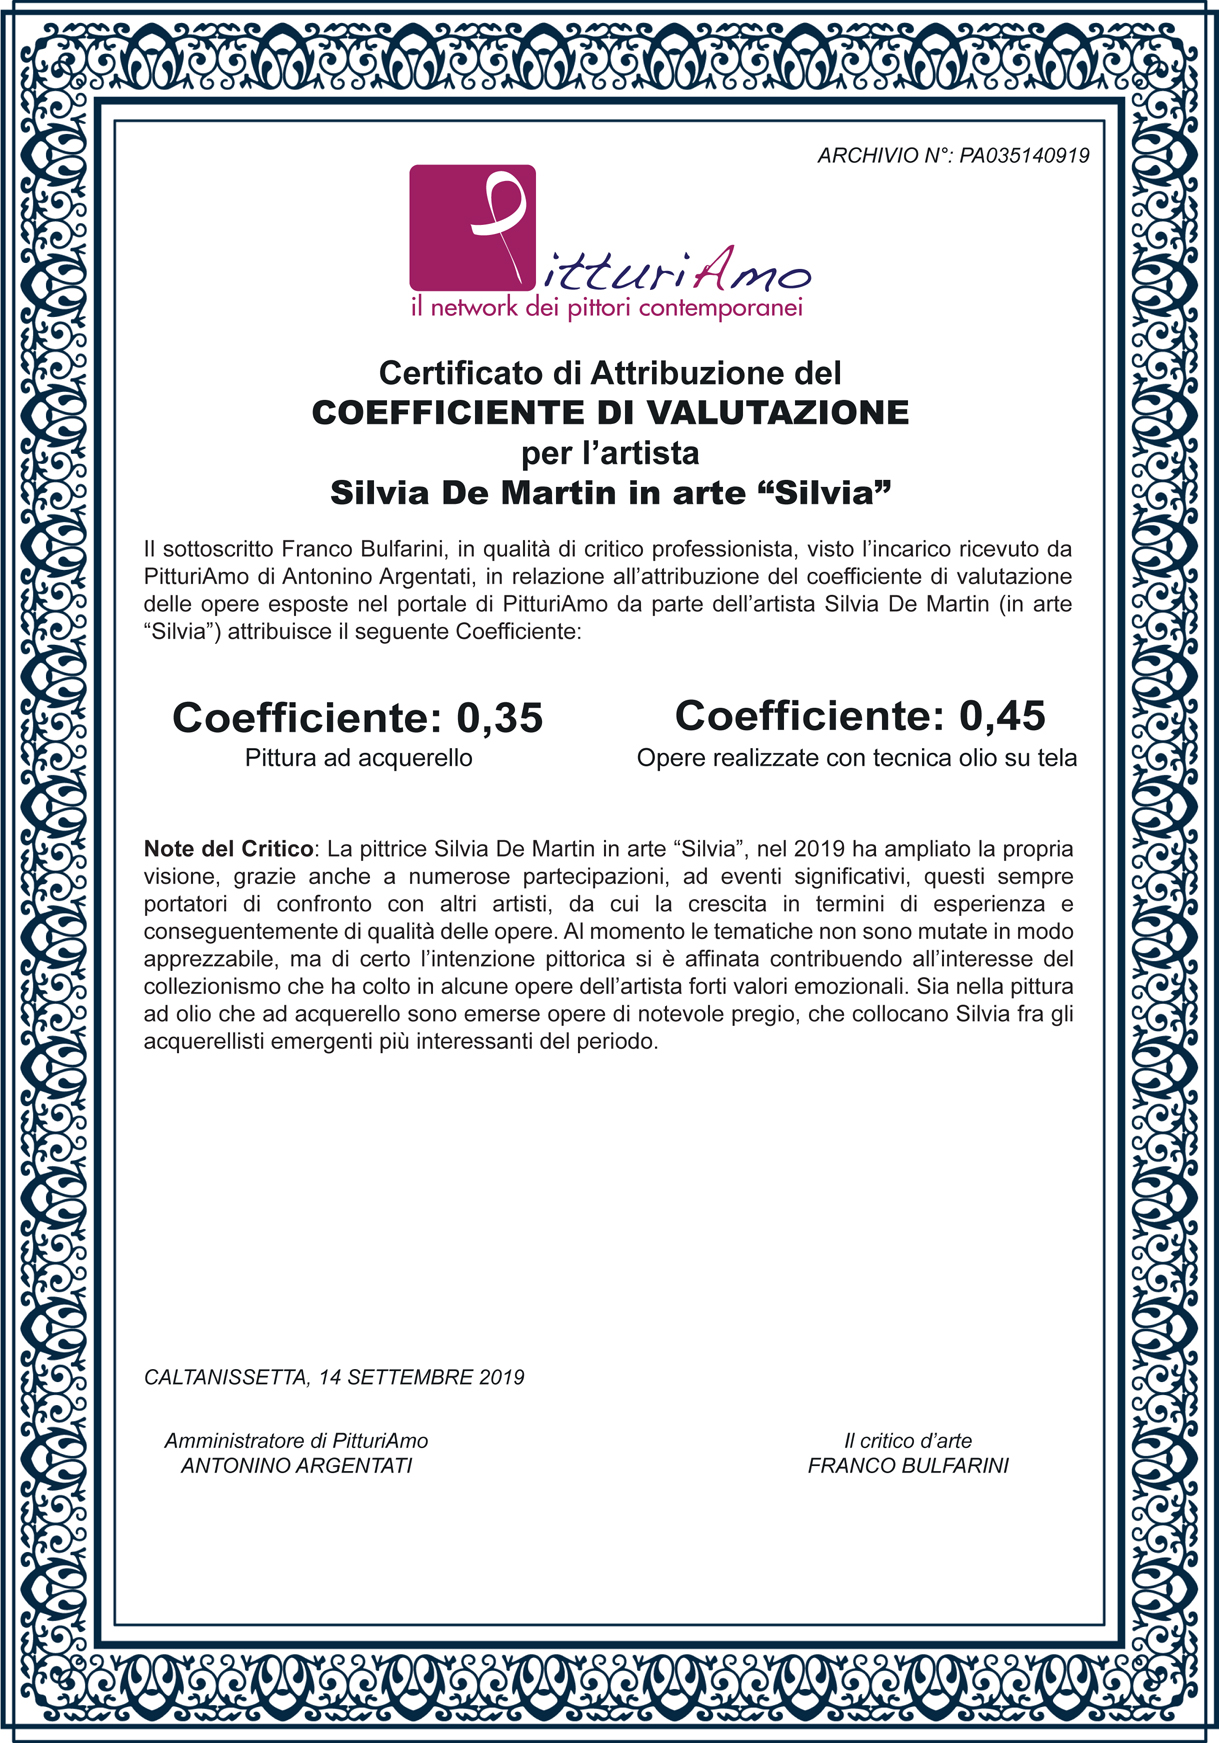 Aggiornamento del coefficiente d'artista di Silvia De Martin, in arte Silvia